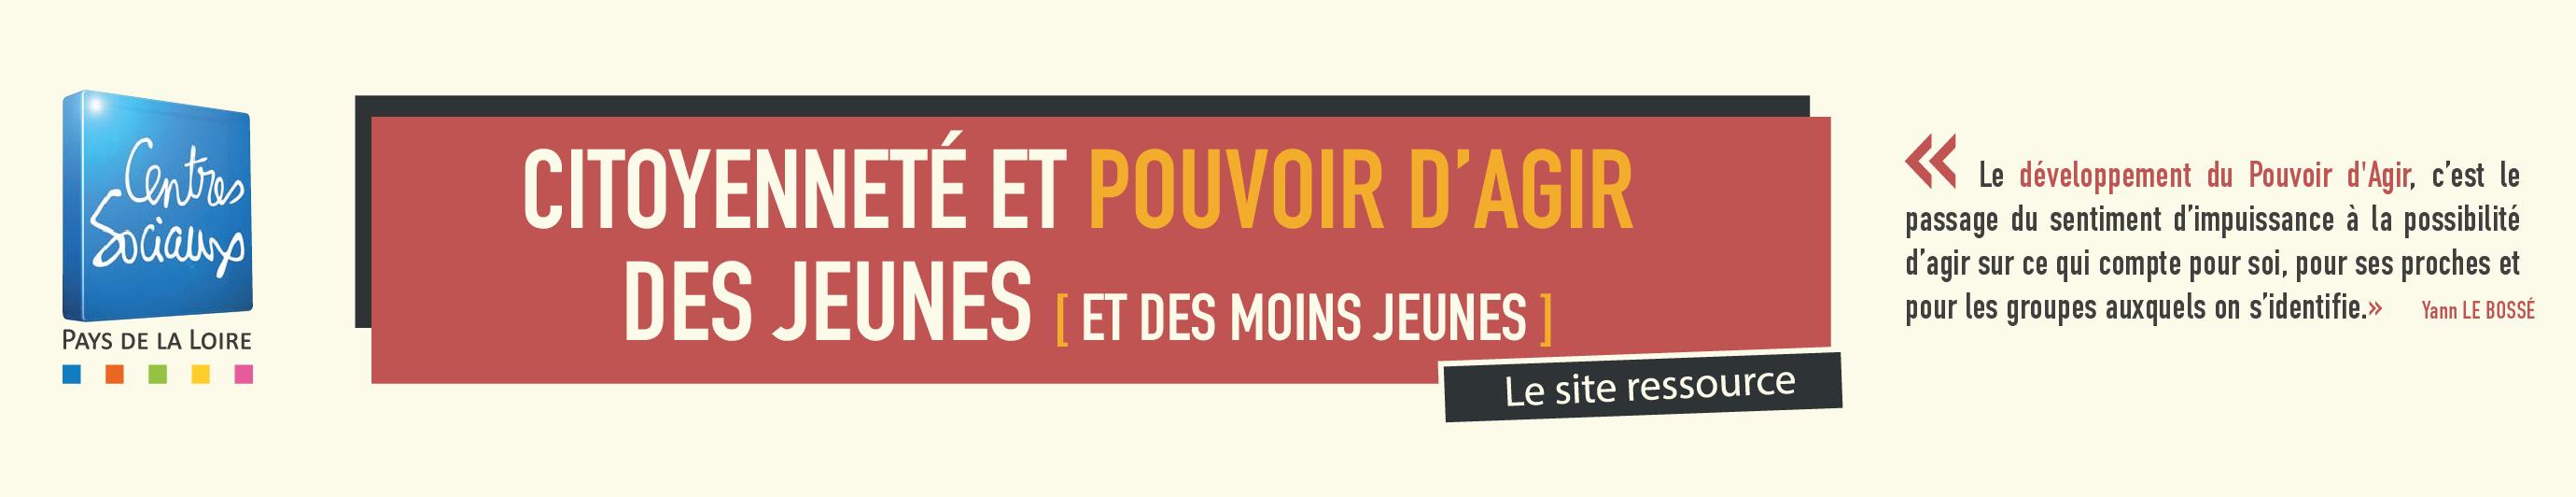 Développer le Pouvoir d'Agir et la Citoyenneté des jeunes (et des moins jeunes)